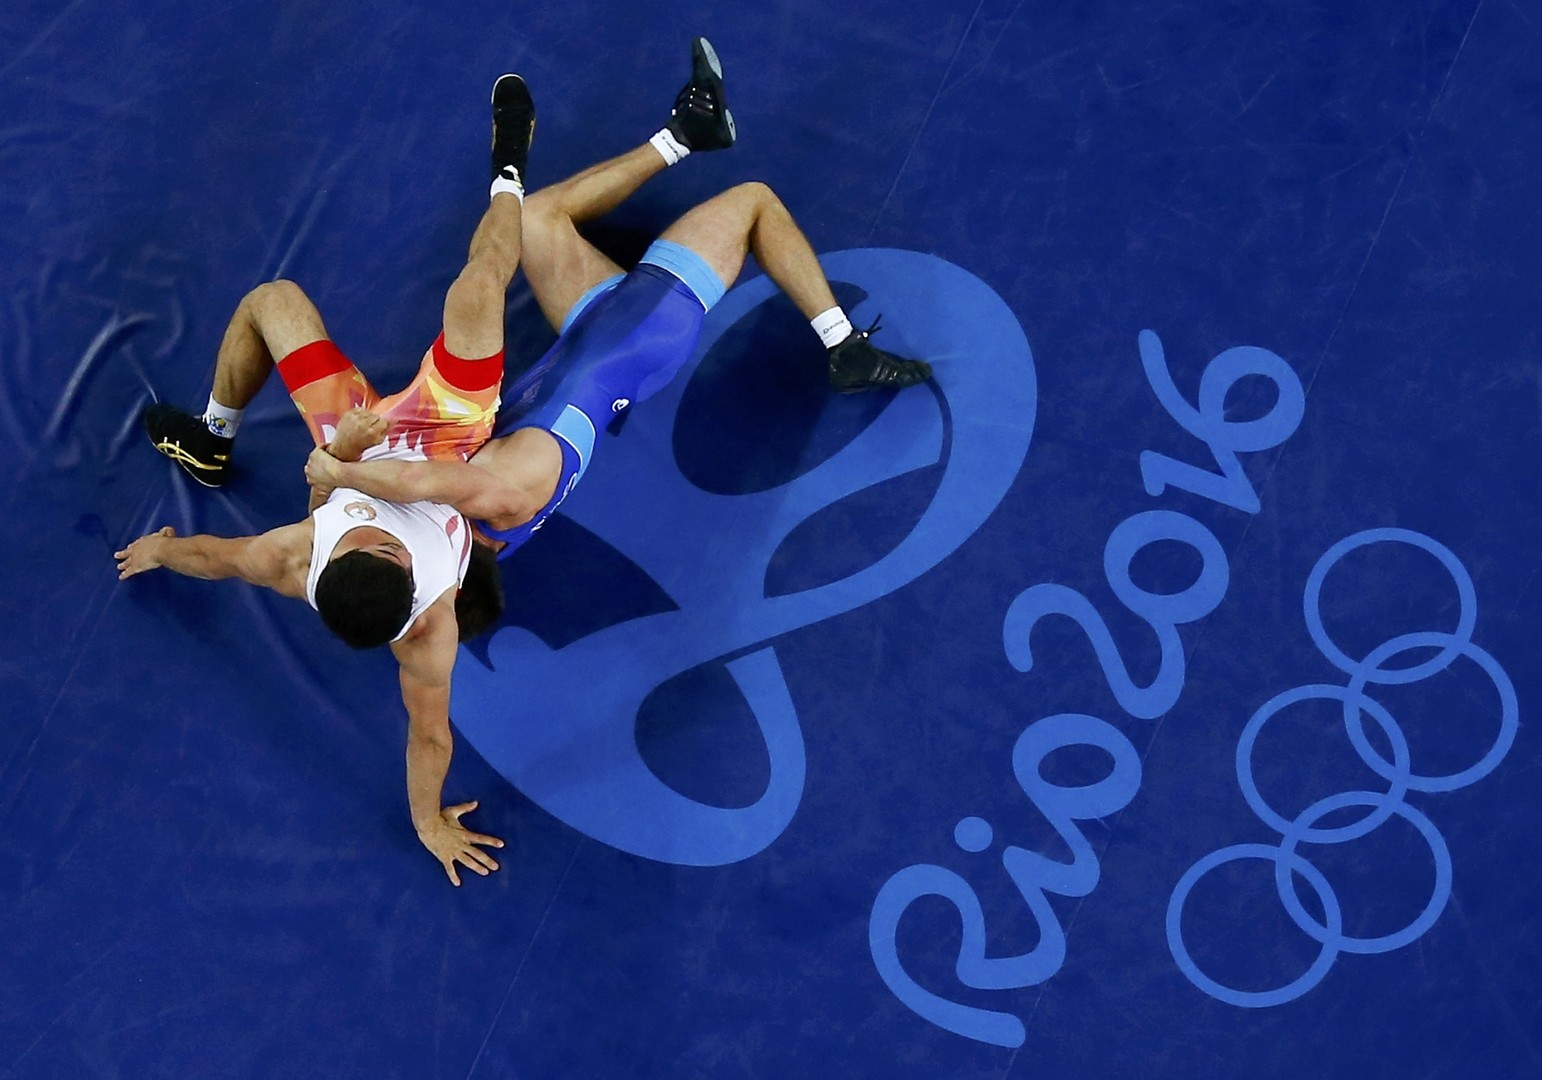 Борец Сослан Рамонов принёс России 19-е золото Олимпиады в Рио